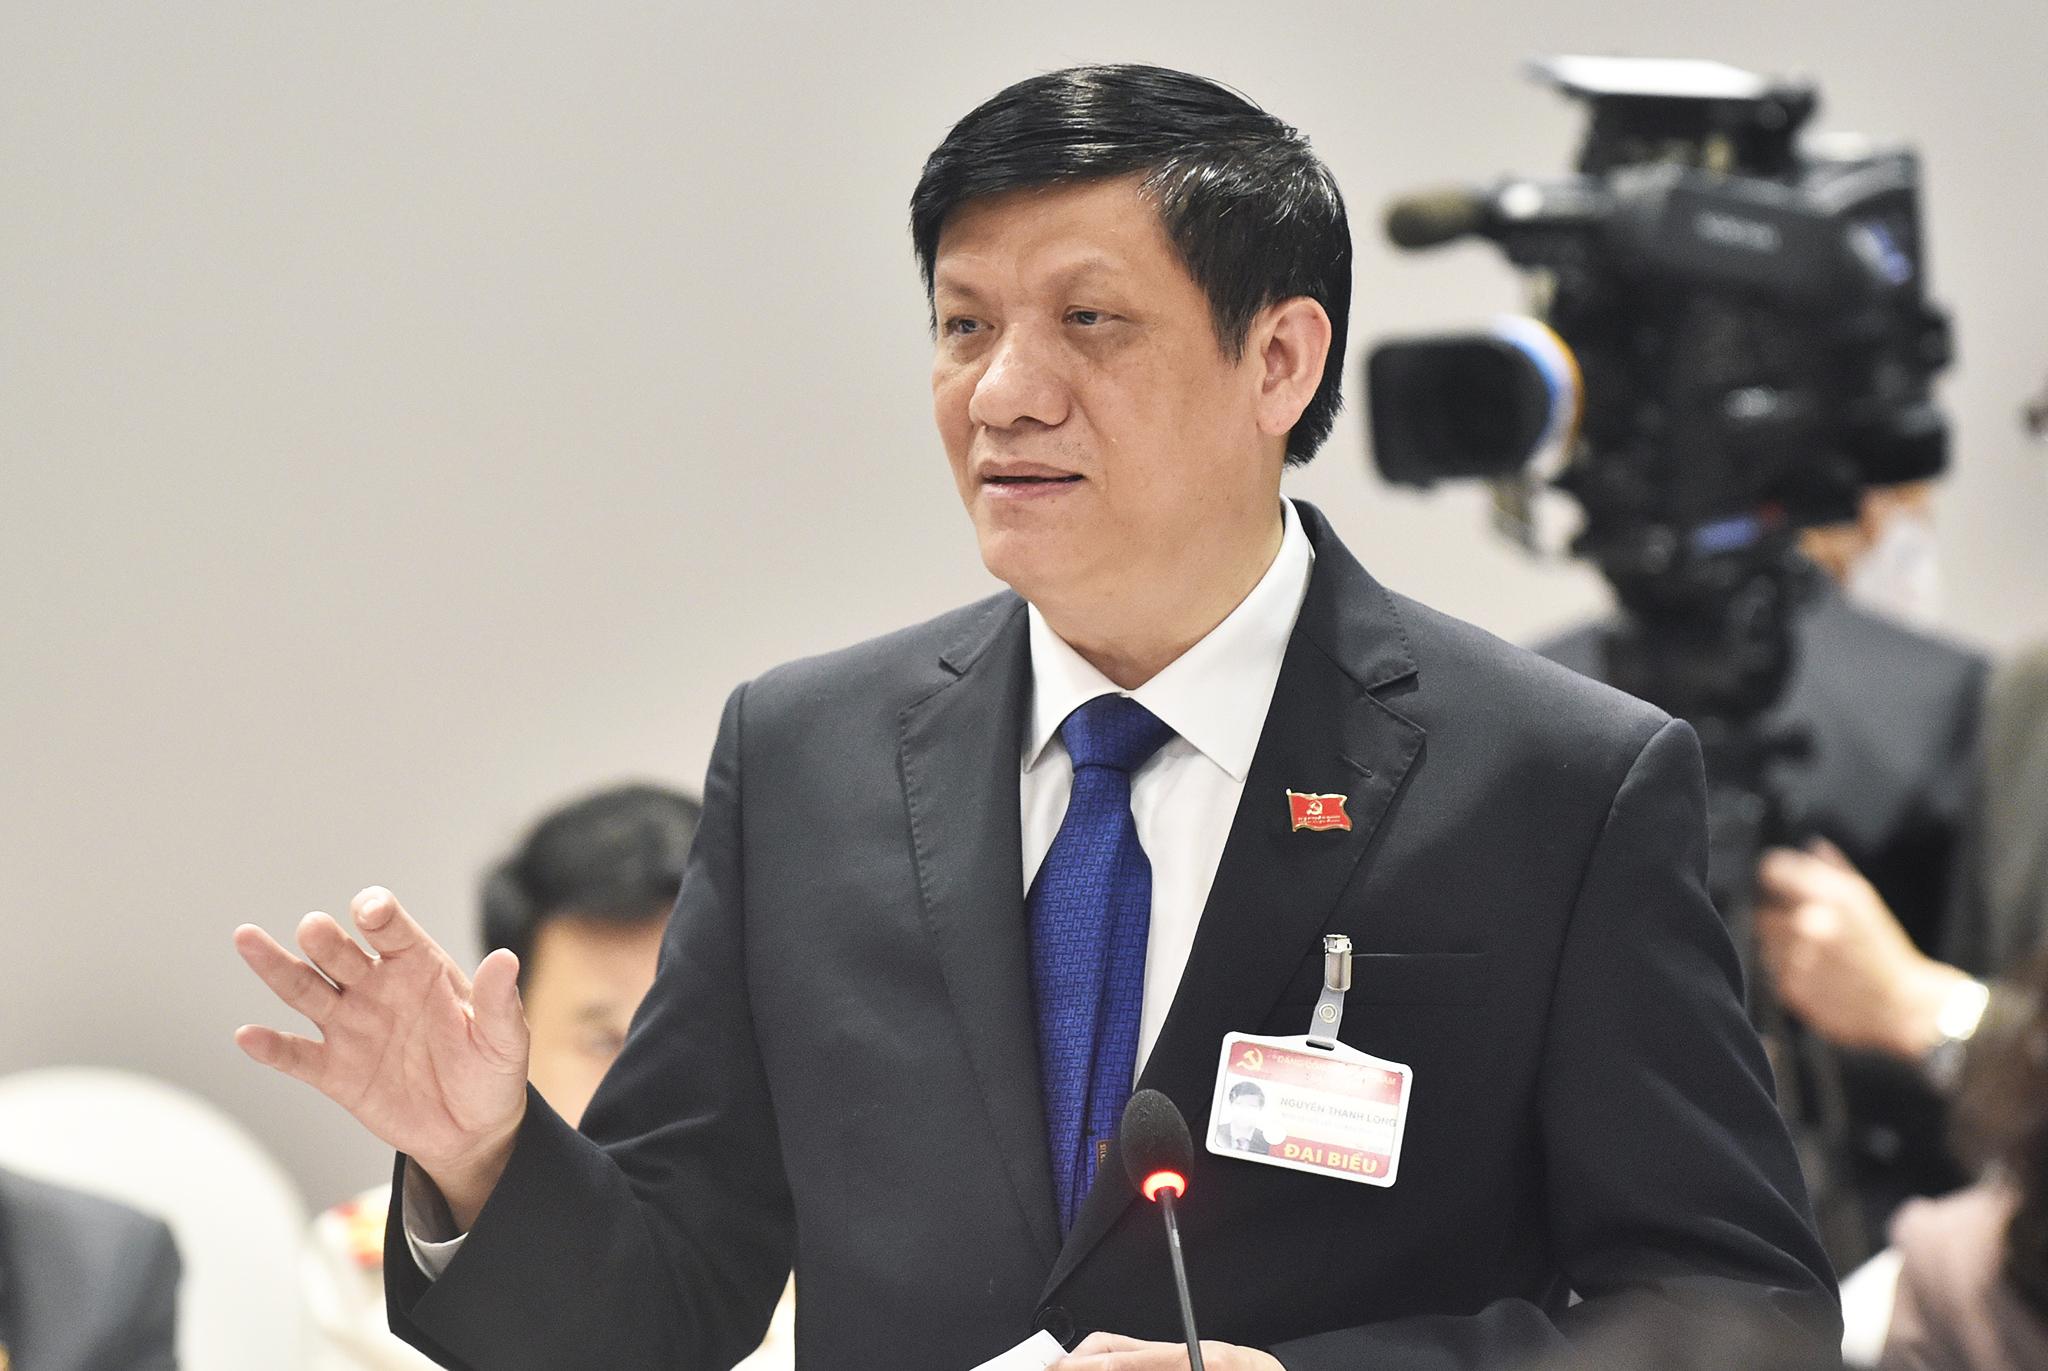 Bộ trưởng Y tế Nguyễn Thanh Long công bố các ca nhiễm mới trong cuộc họp Ban chỉ đạo chống dịch quốc gia, sáng 28/1. Ảnh: VGP.